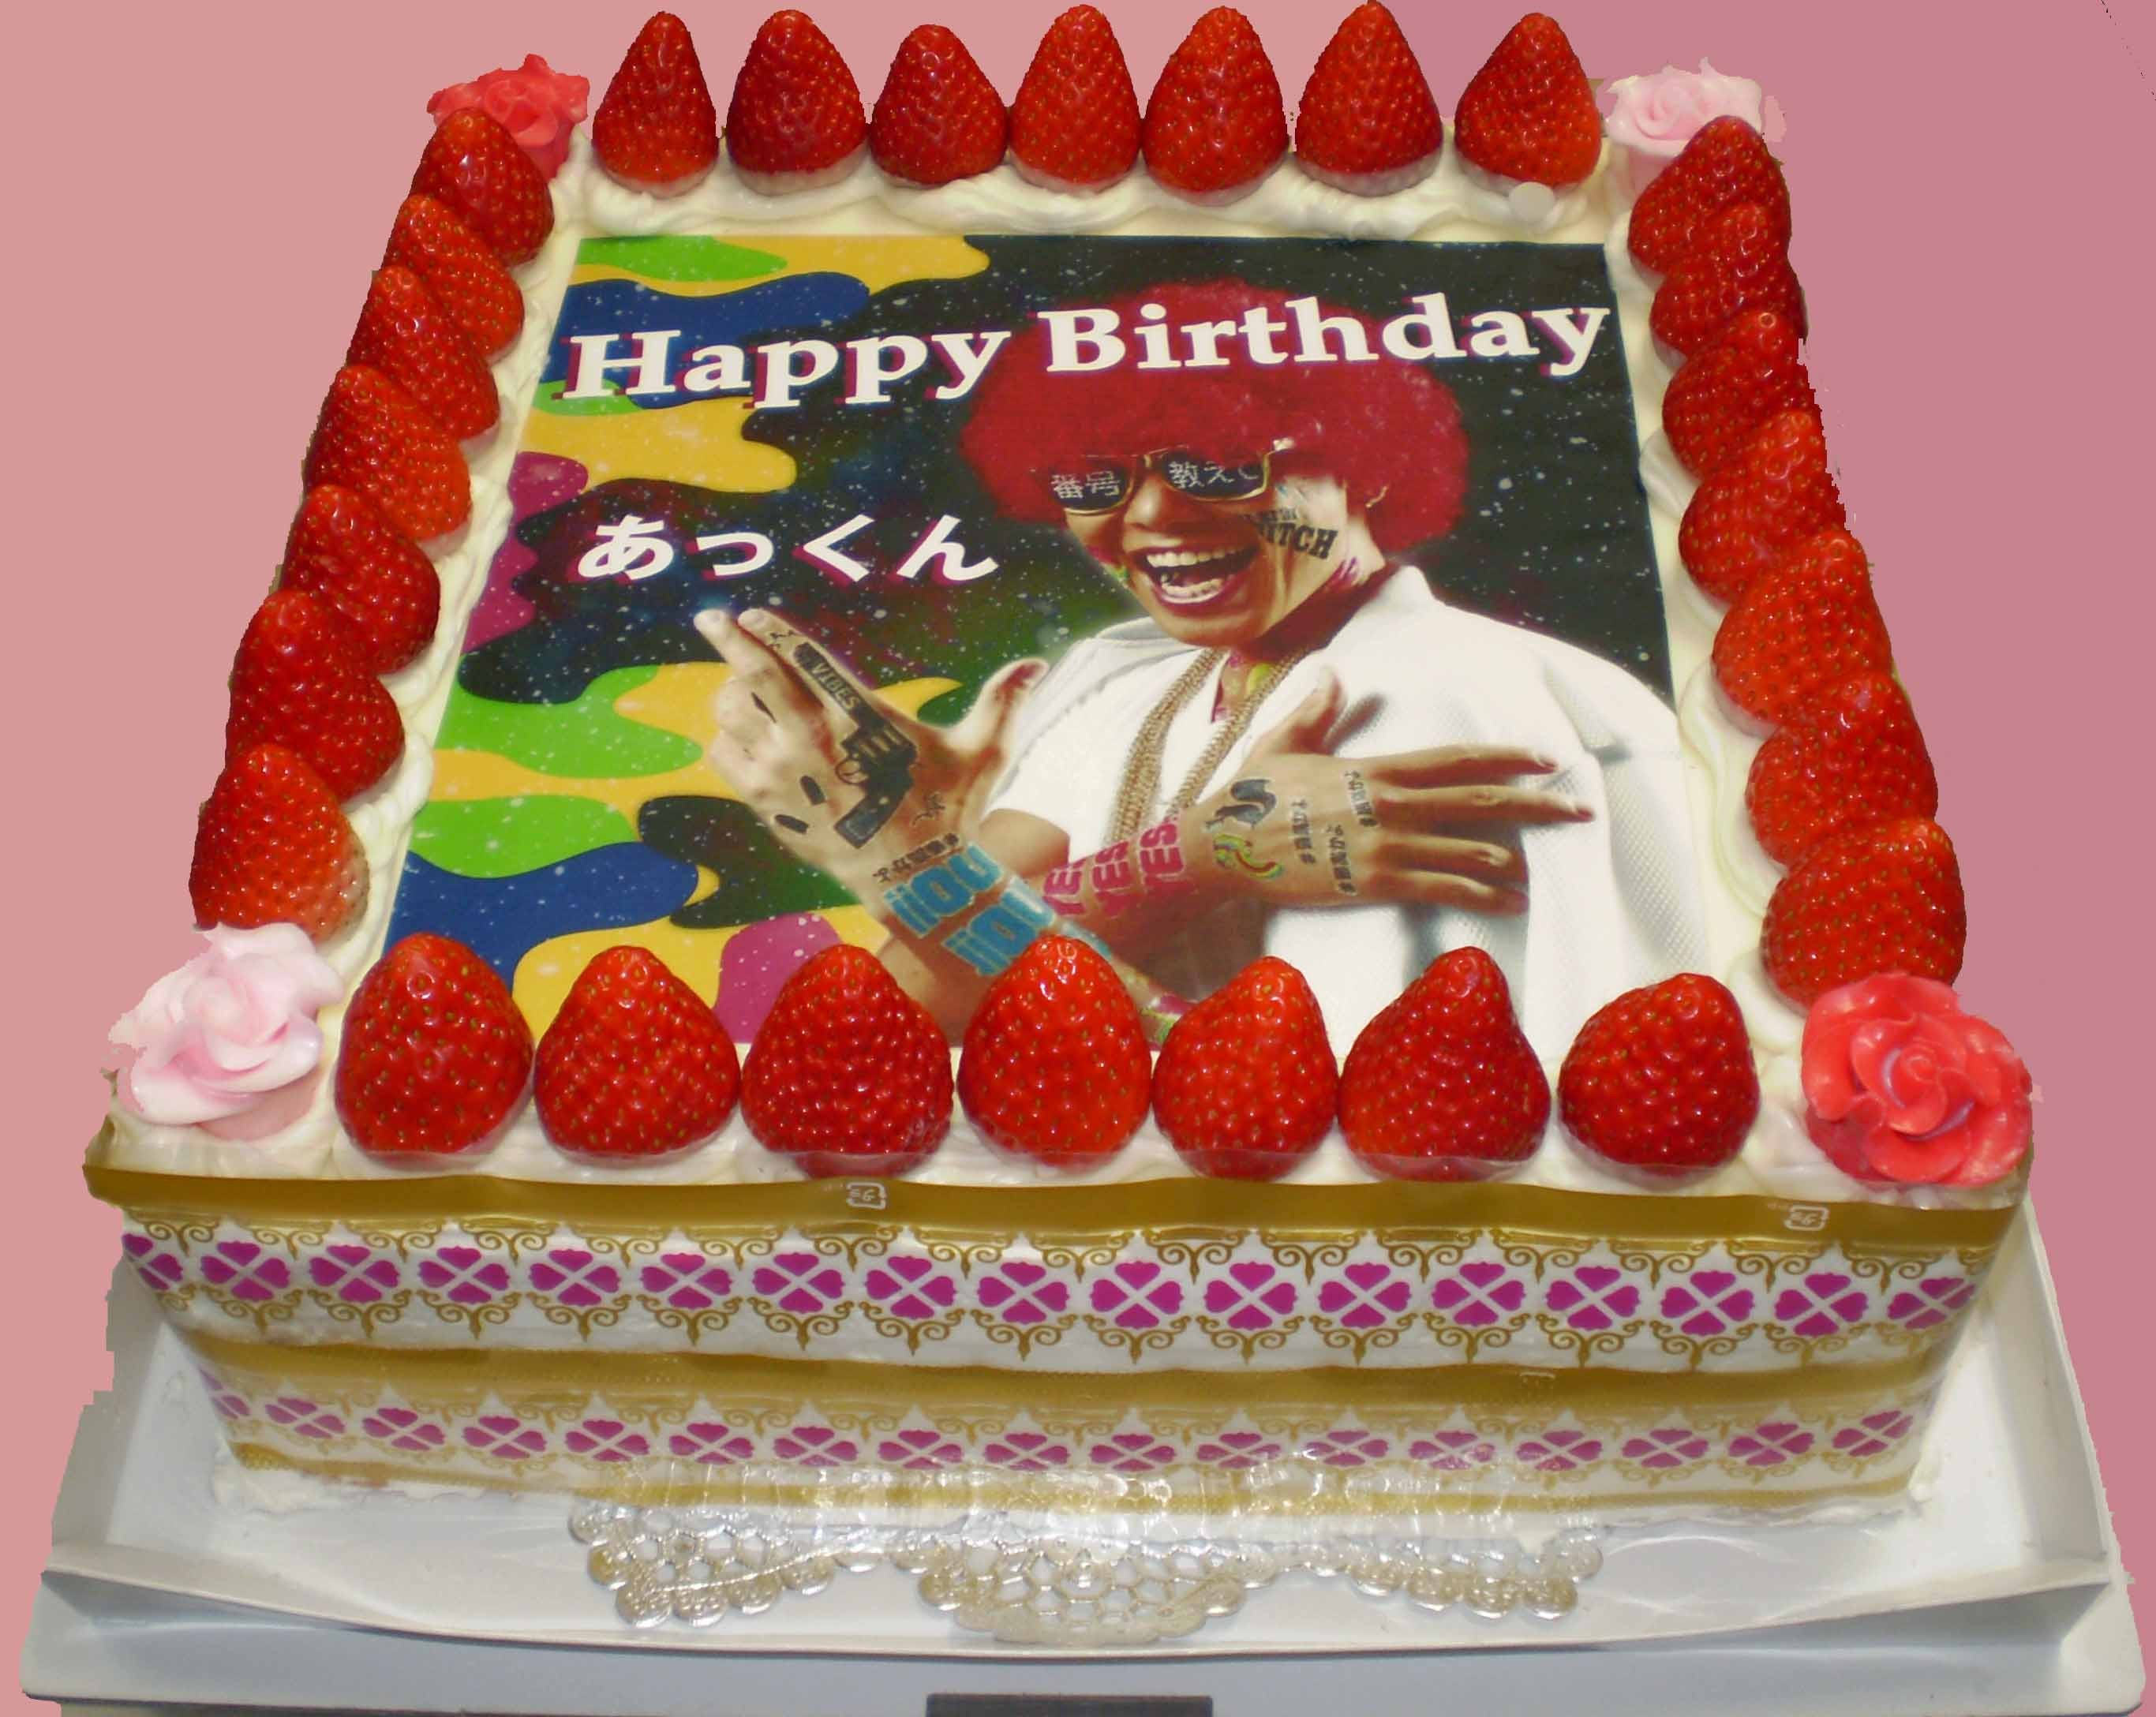 冷蔵配送! パーティー用中型写真ケーキ・デラックス−30人〜36人用の大型写真ケーキです−イチゴサンド仕上げの画像1枚目